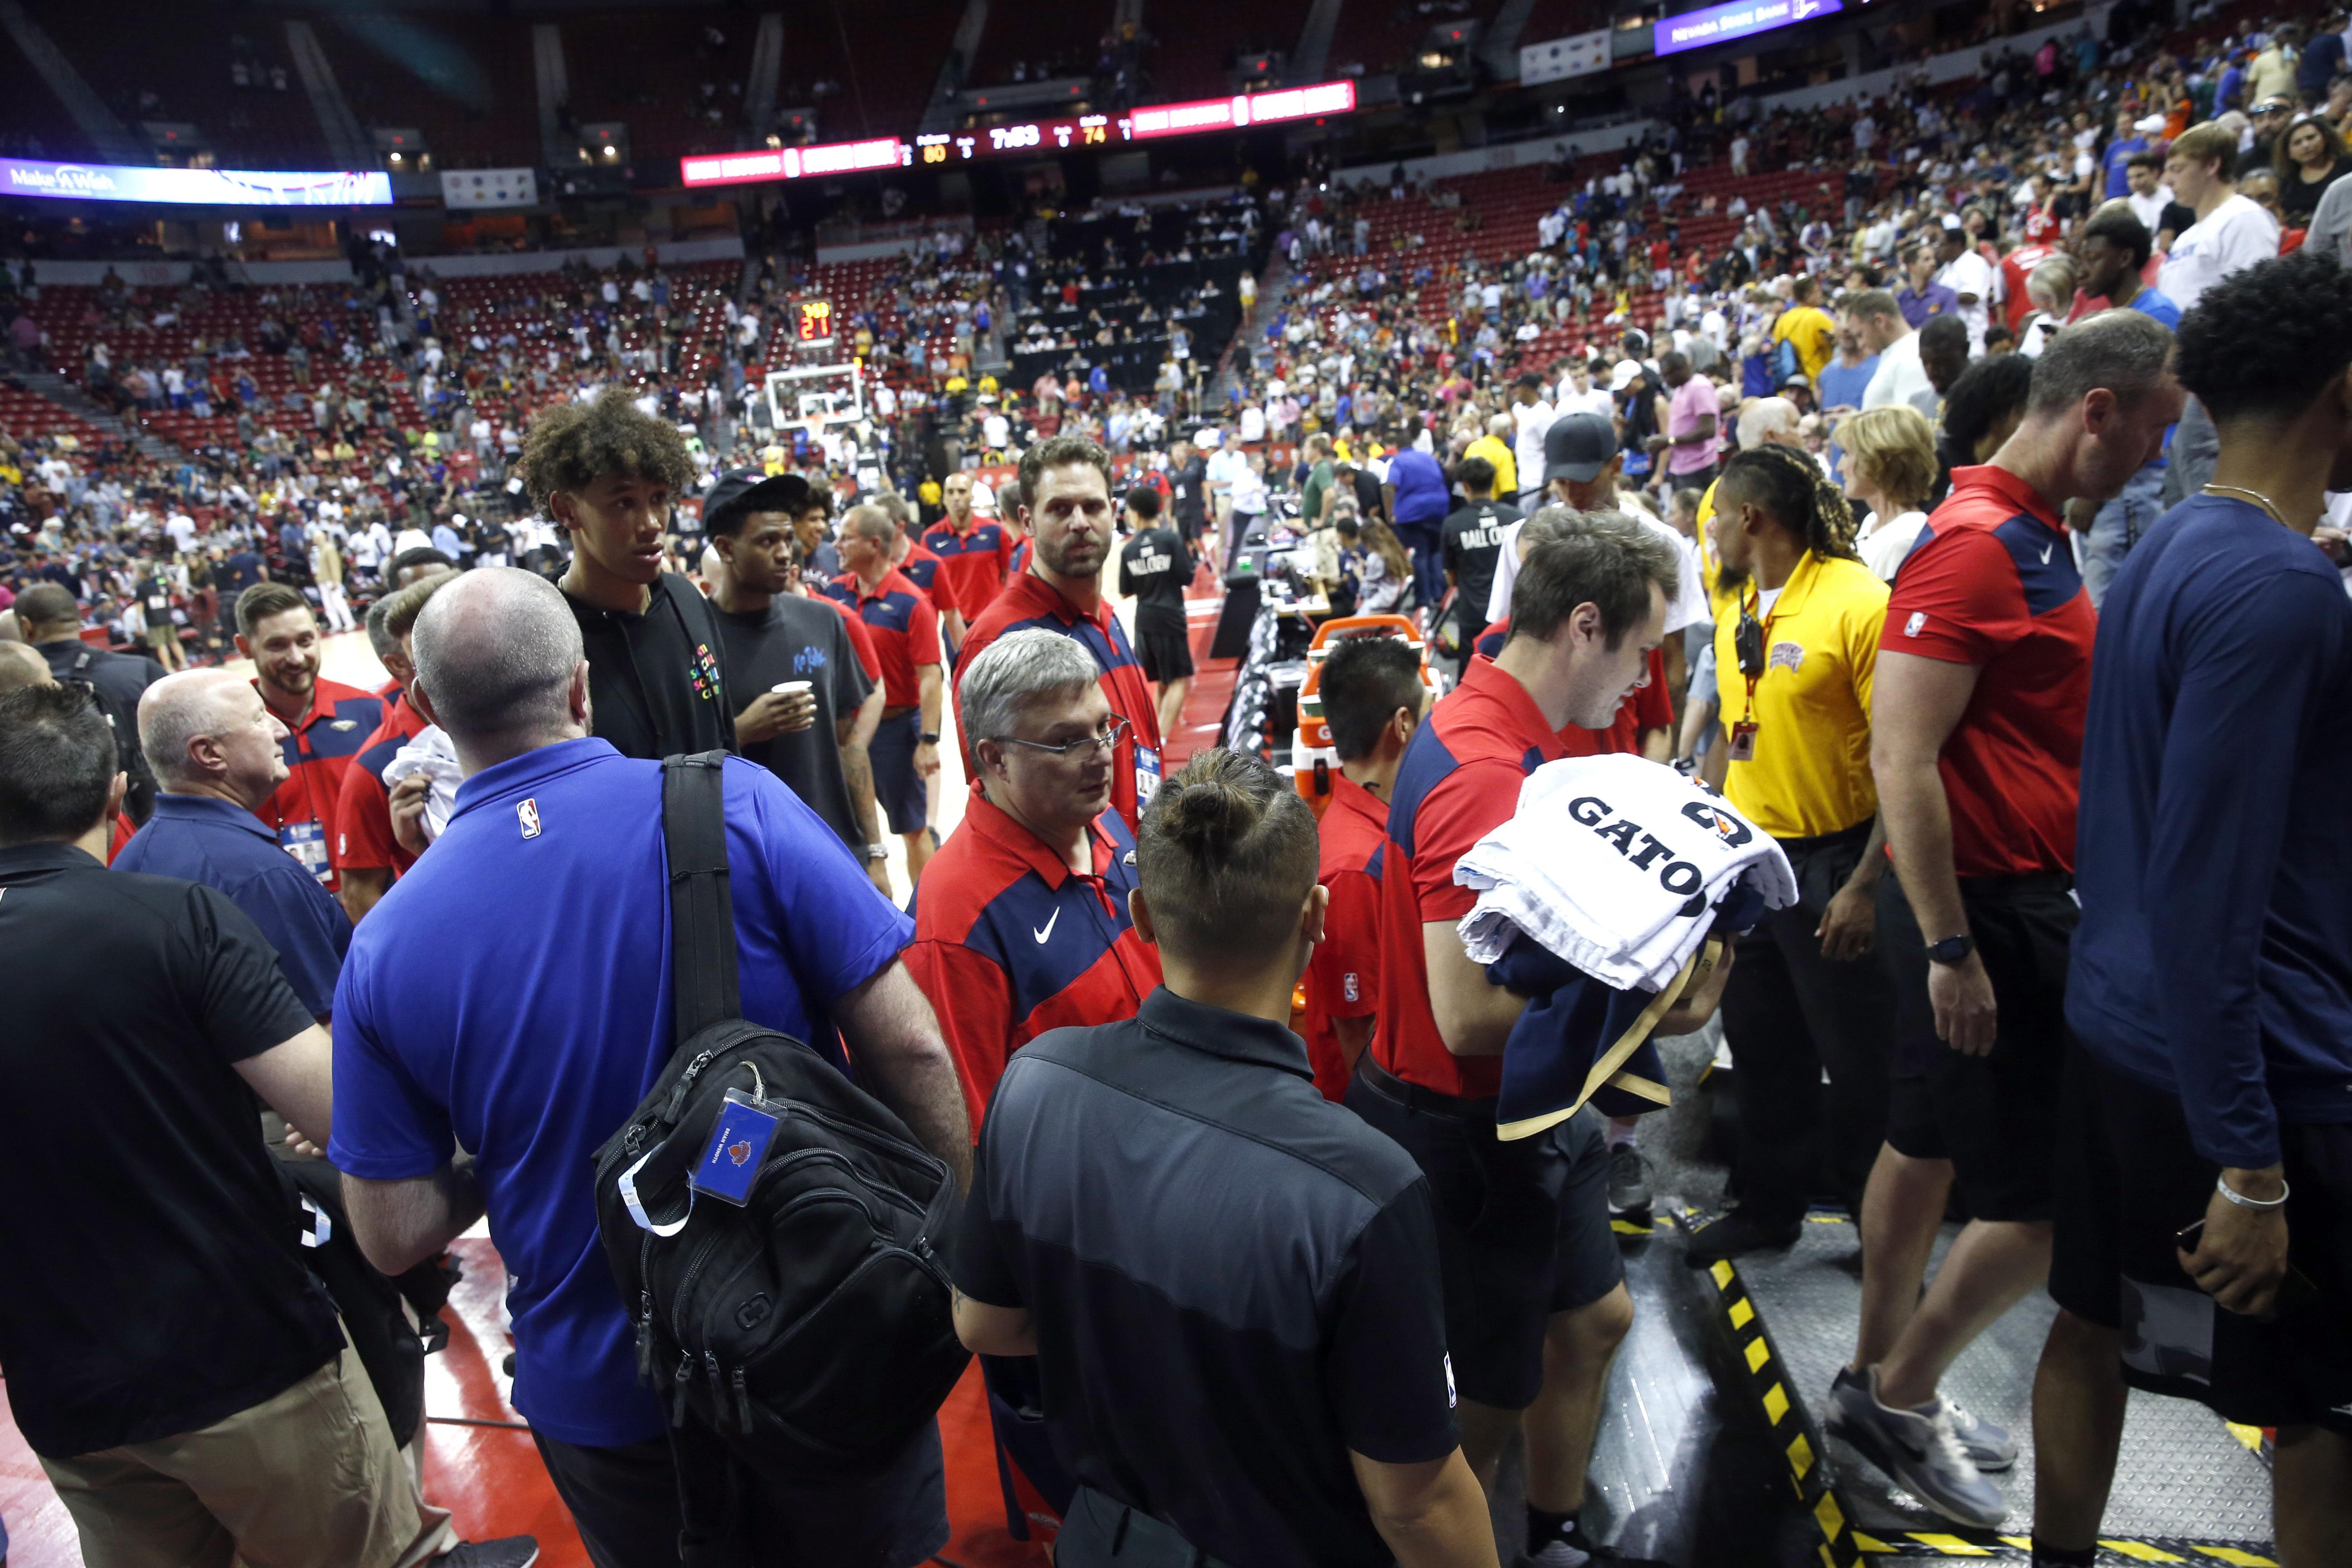 美国加州南部发生7.1级地震 NBA比赛被中断